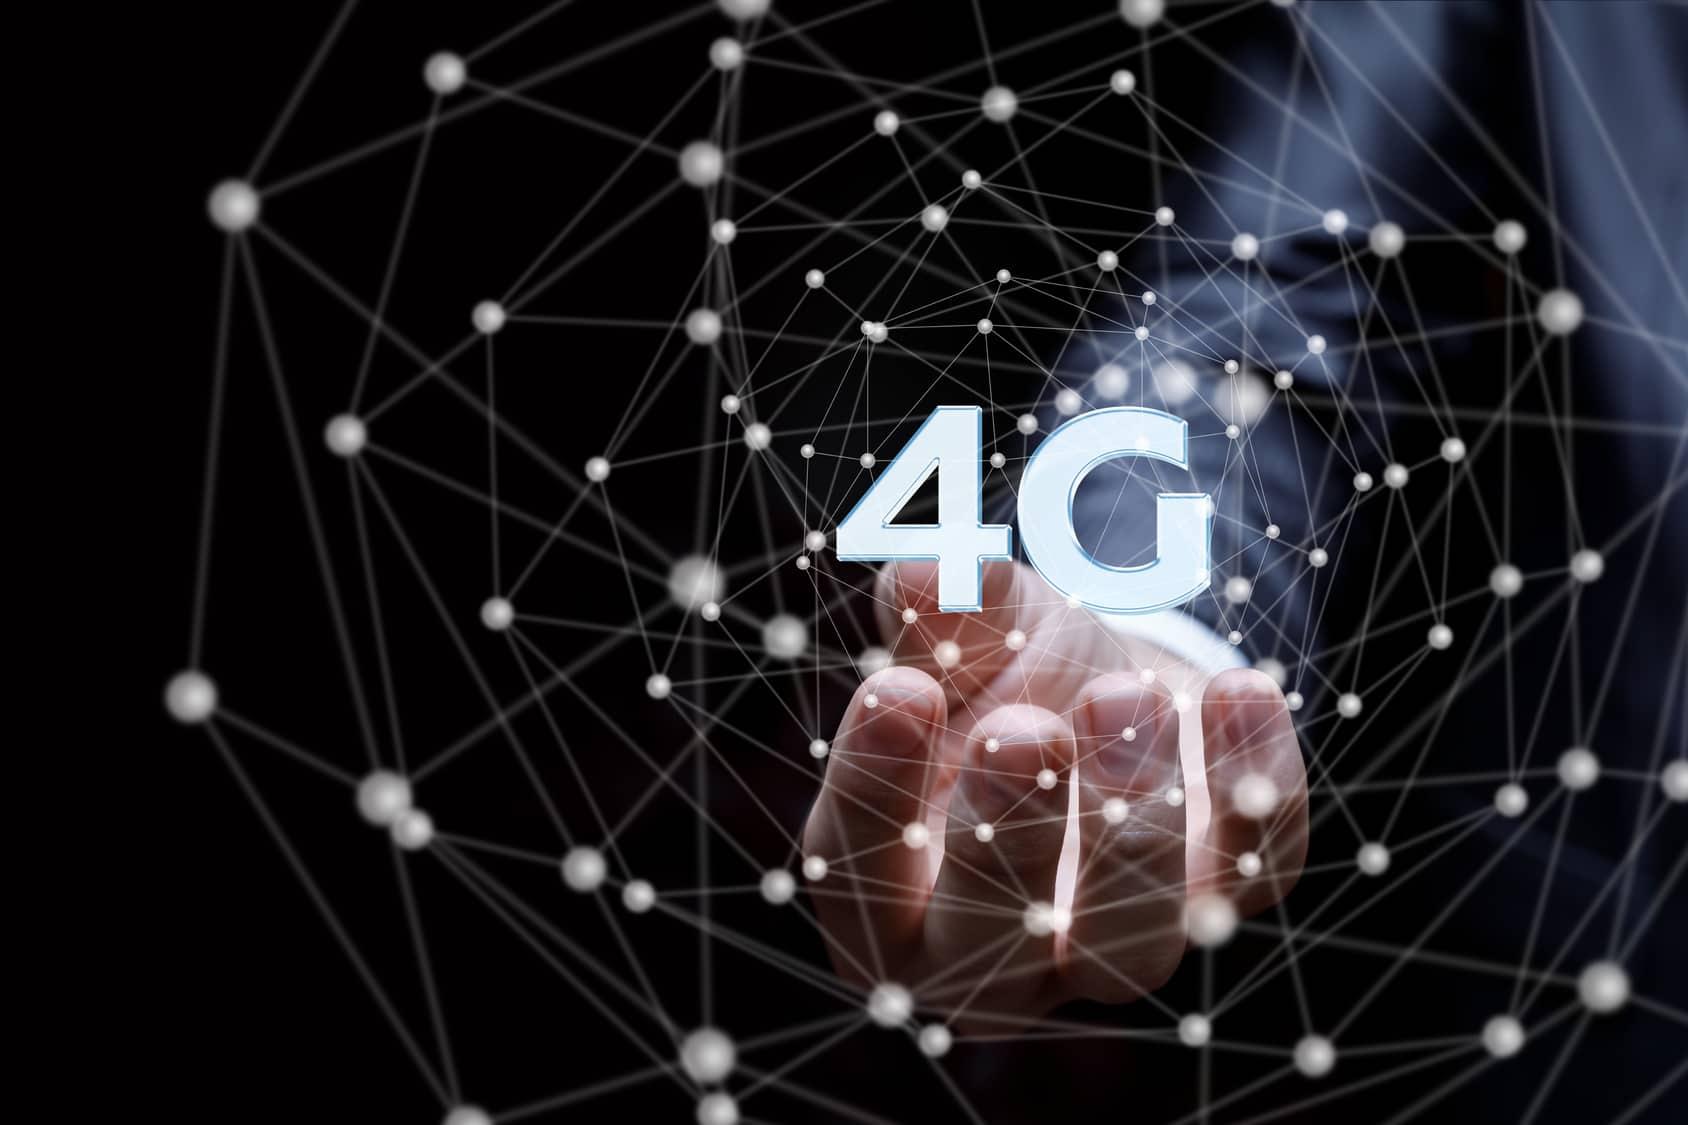 Menos de 20% de la población de América Latina ha adoptado la tecnología 4G en teléfonos móviles